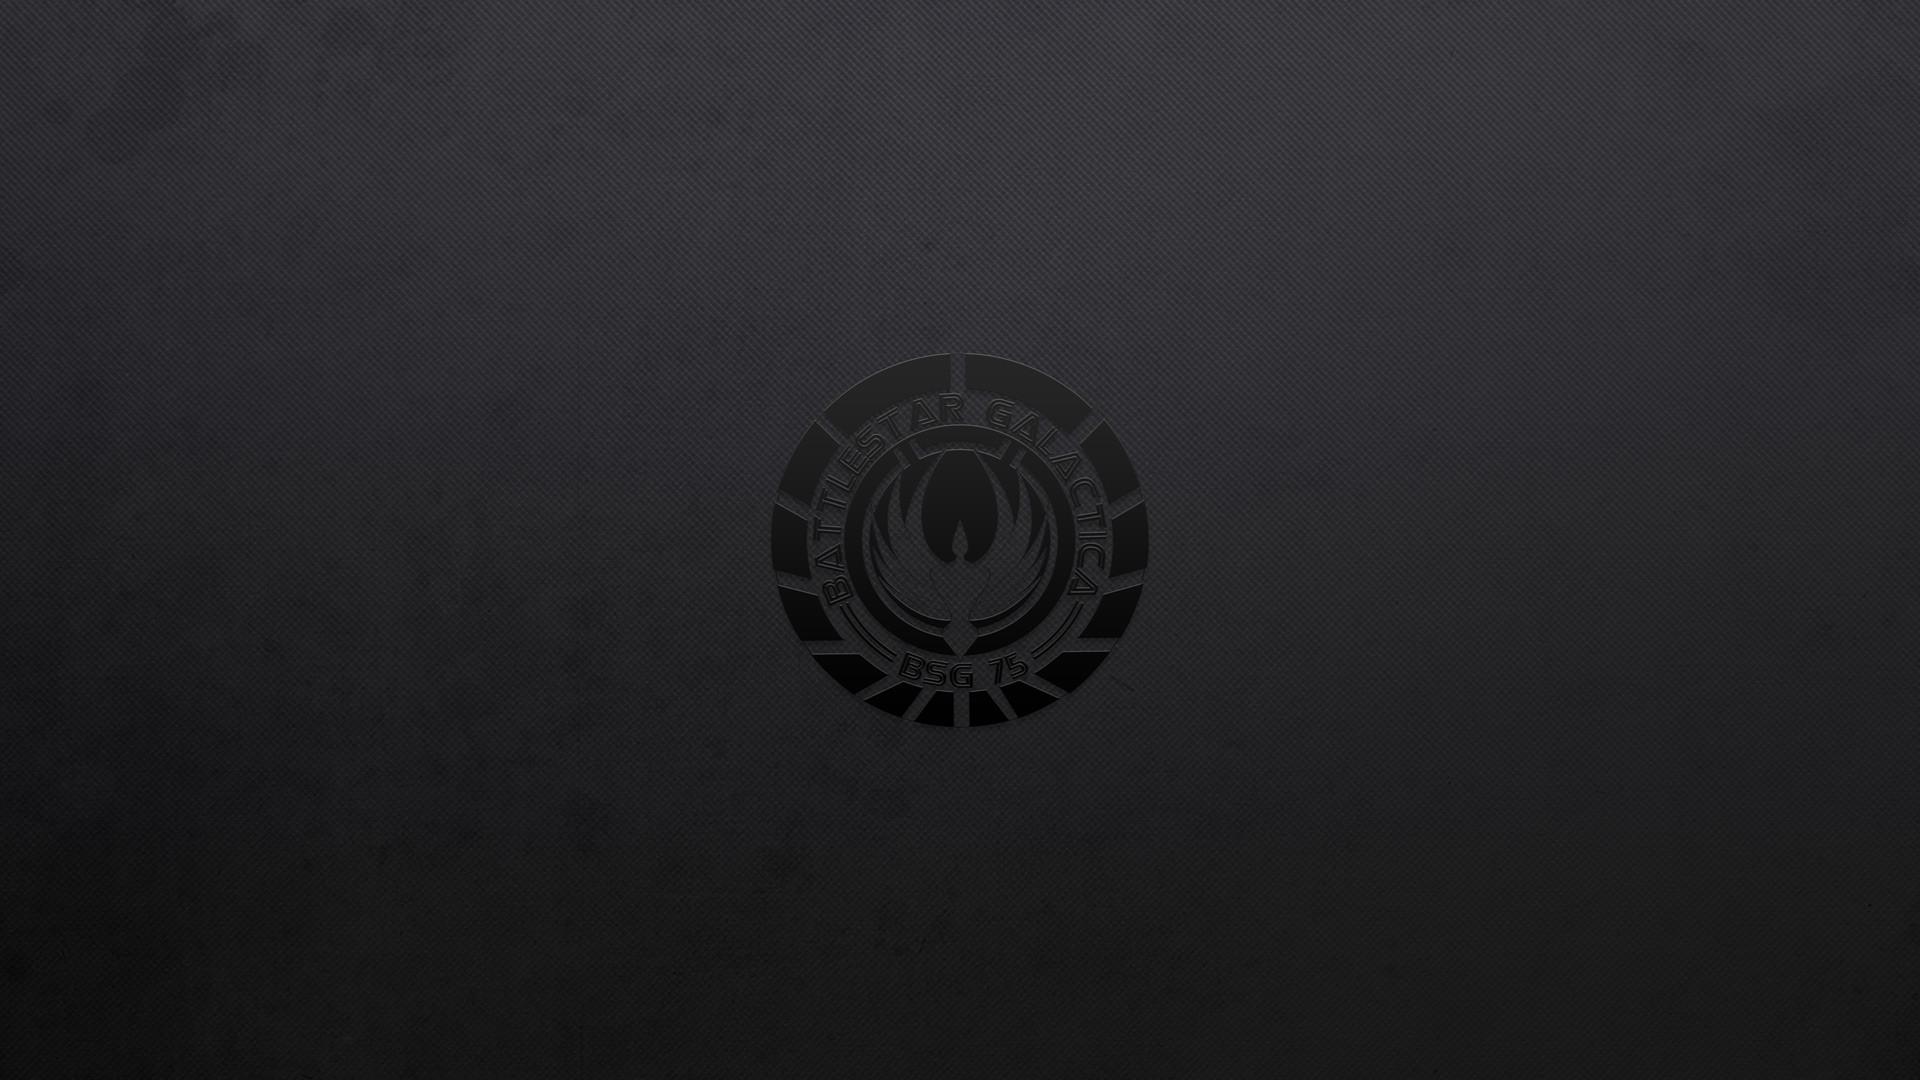 … wallpaper abyss; hd battlestar galactica 4k pics …